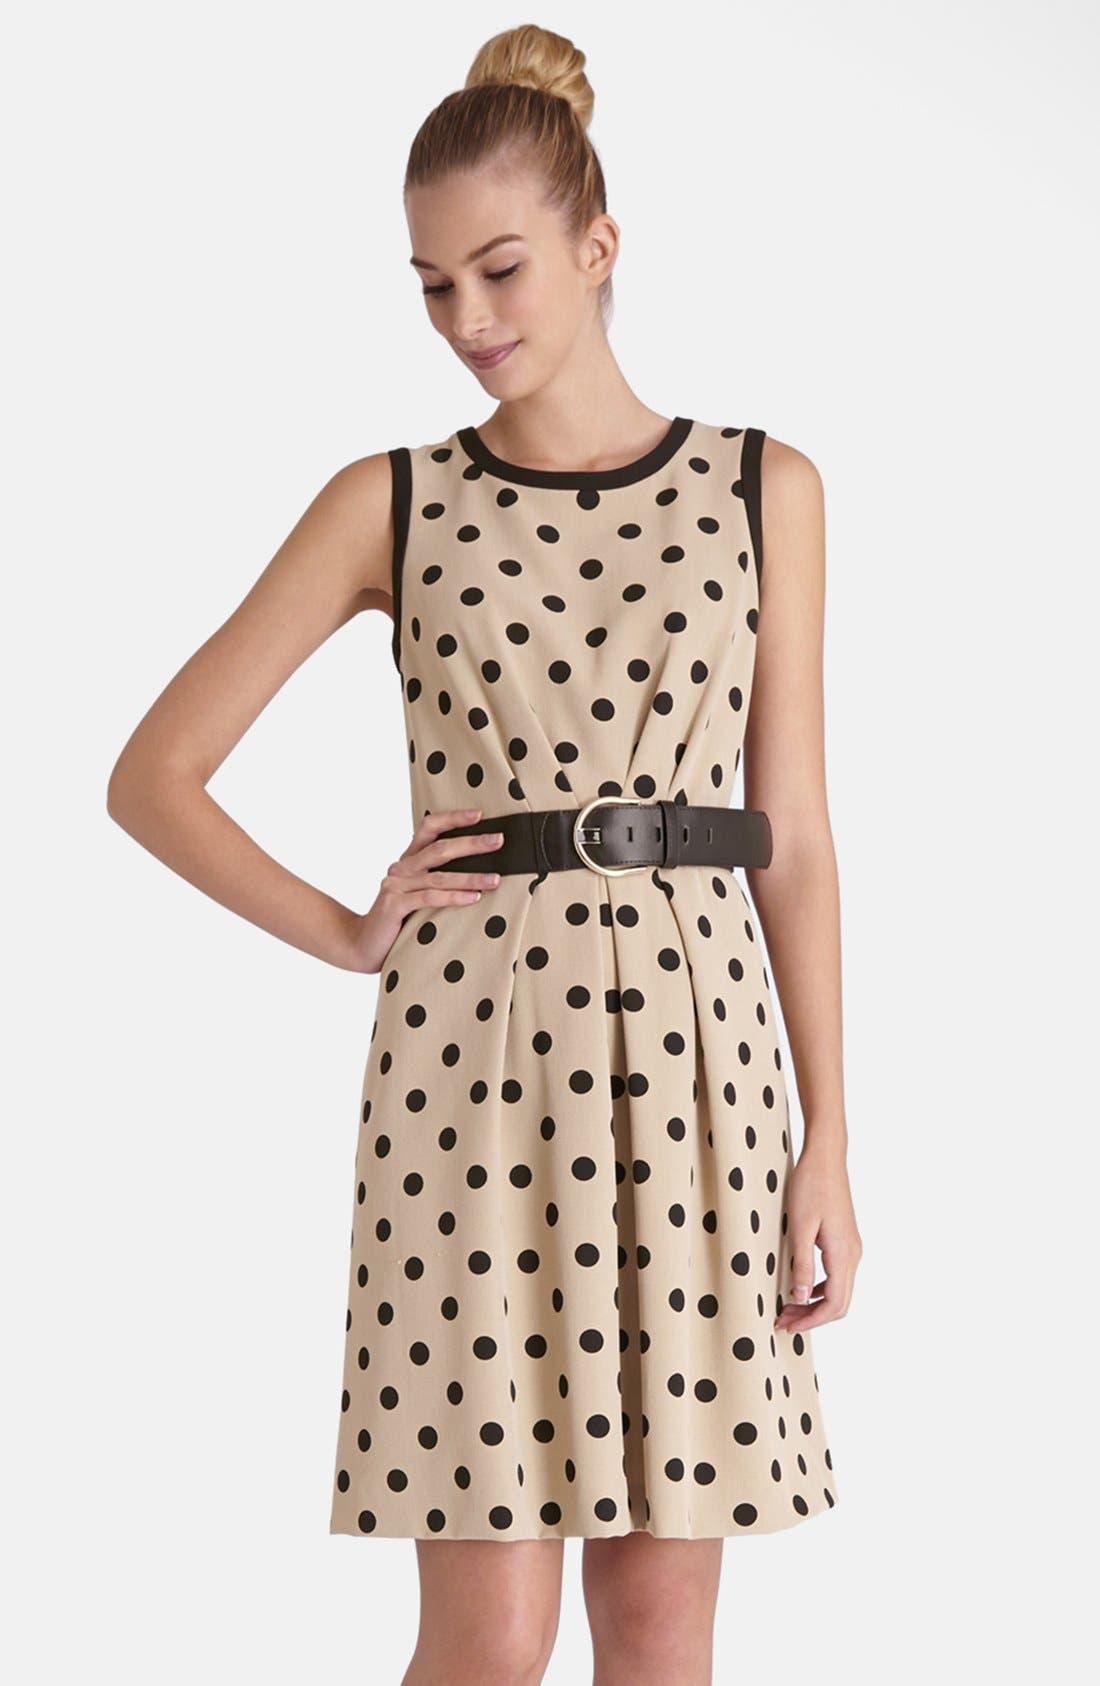 Alternate Image 1 Selected - Tahari Polka Dot Crepe Fit & Flare Dress (Regular & Petite)